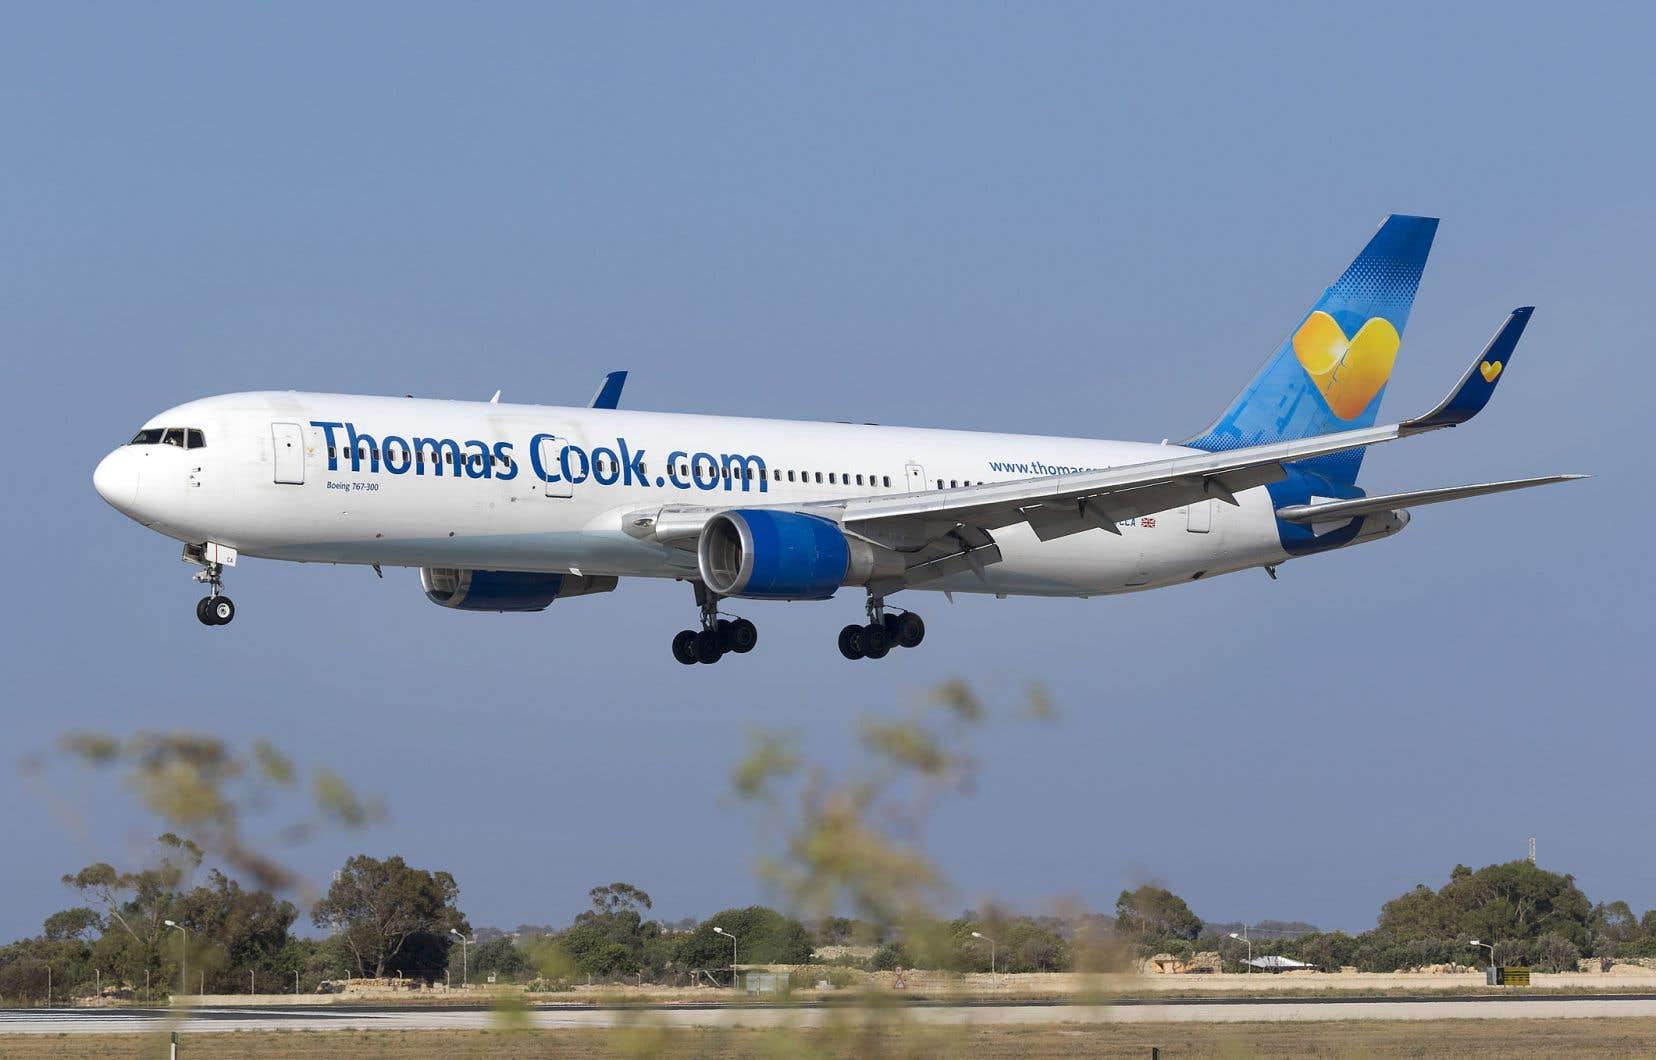 La flotte de la composante aérienne de Thomas Cook comprend 94 appareils, dont 61 Airbus (11 A330 et 50 de la gamme des A320) et 33 Boeing (B767 et B757).